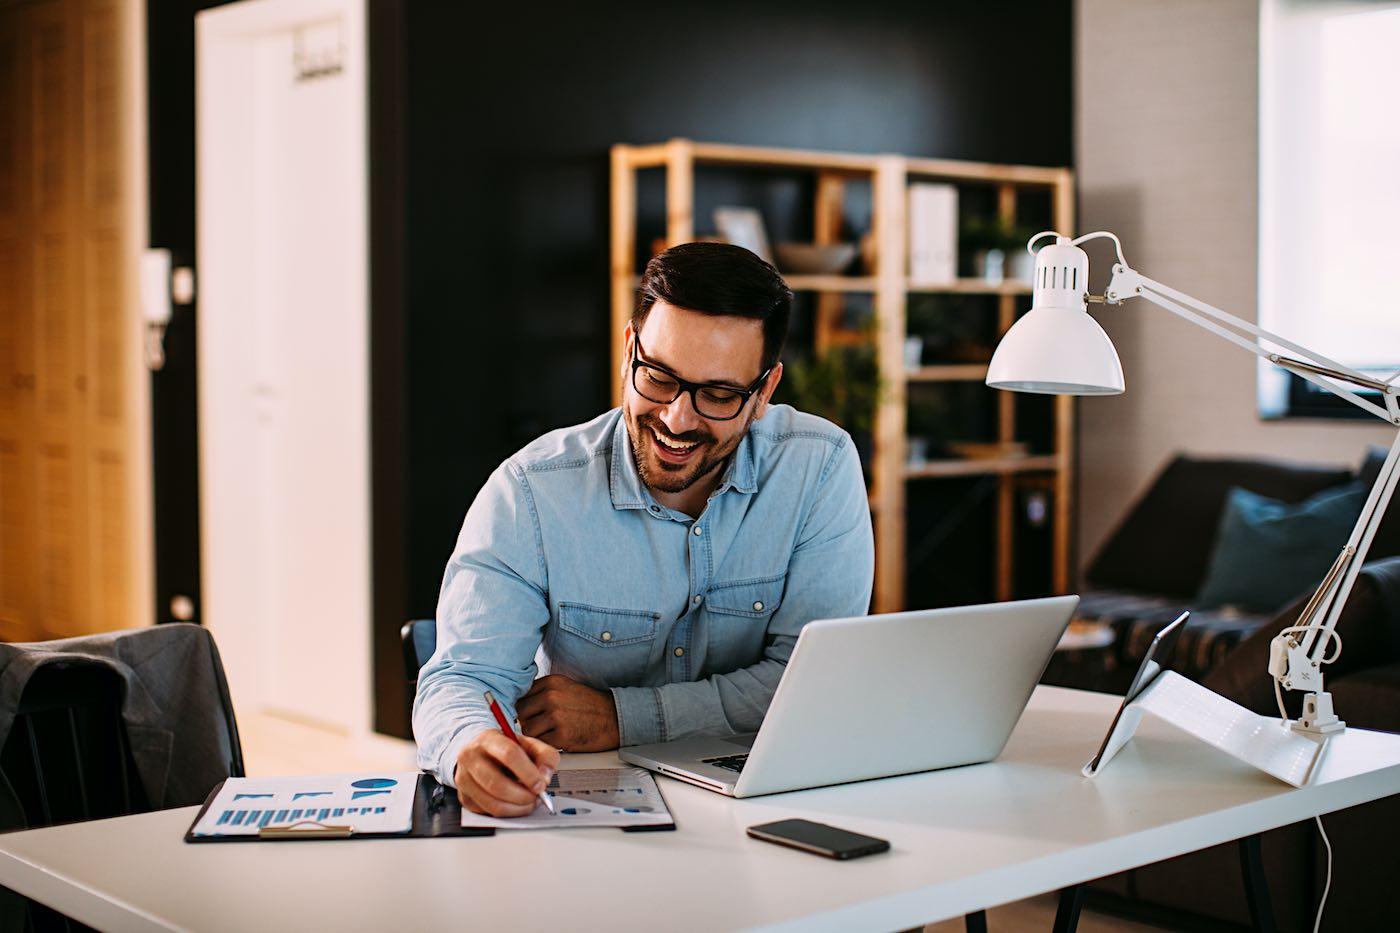 Ventajas y desventajas de trabajar desde casa; 17 trabajos que puedes hacer desde el hogar